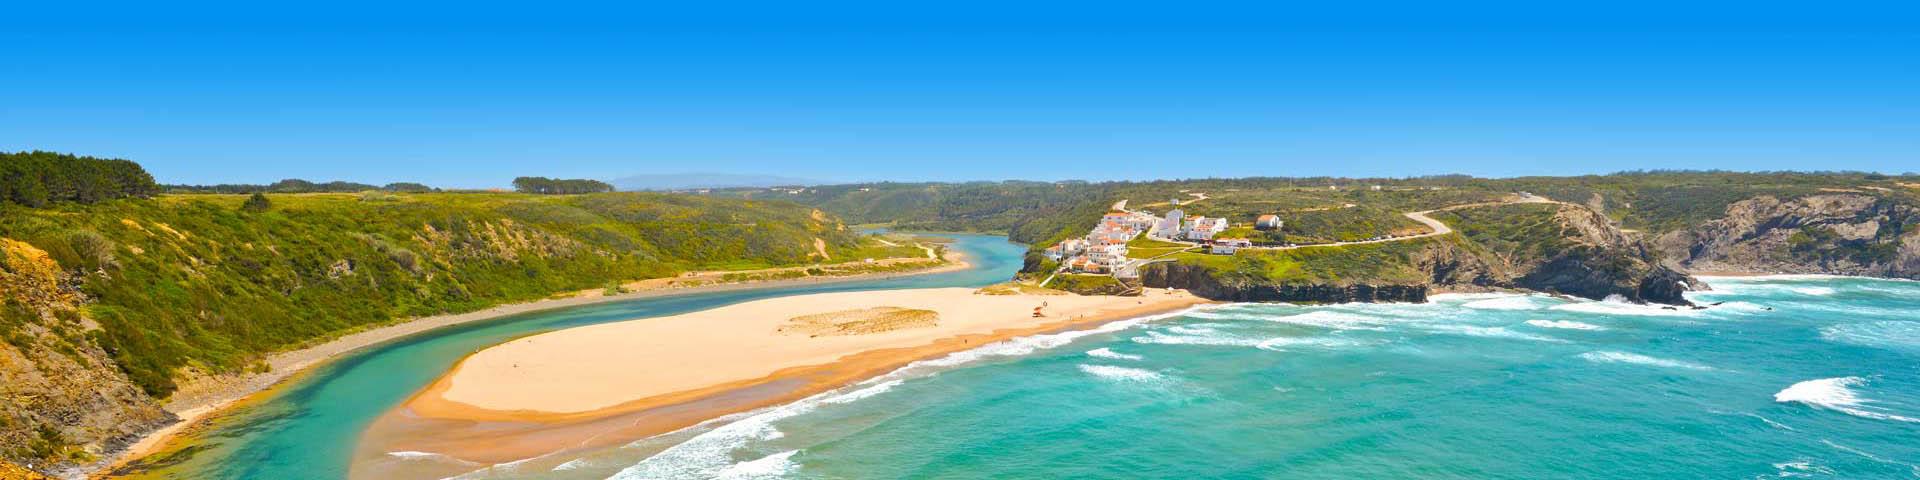 Heldere zee en goudgele zandbank met groene heuvelachtige rotsenen witte huisjes aan de kust van de Algarve, Portugal